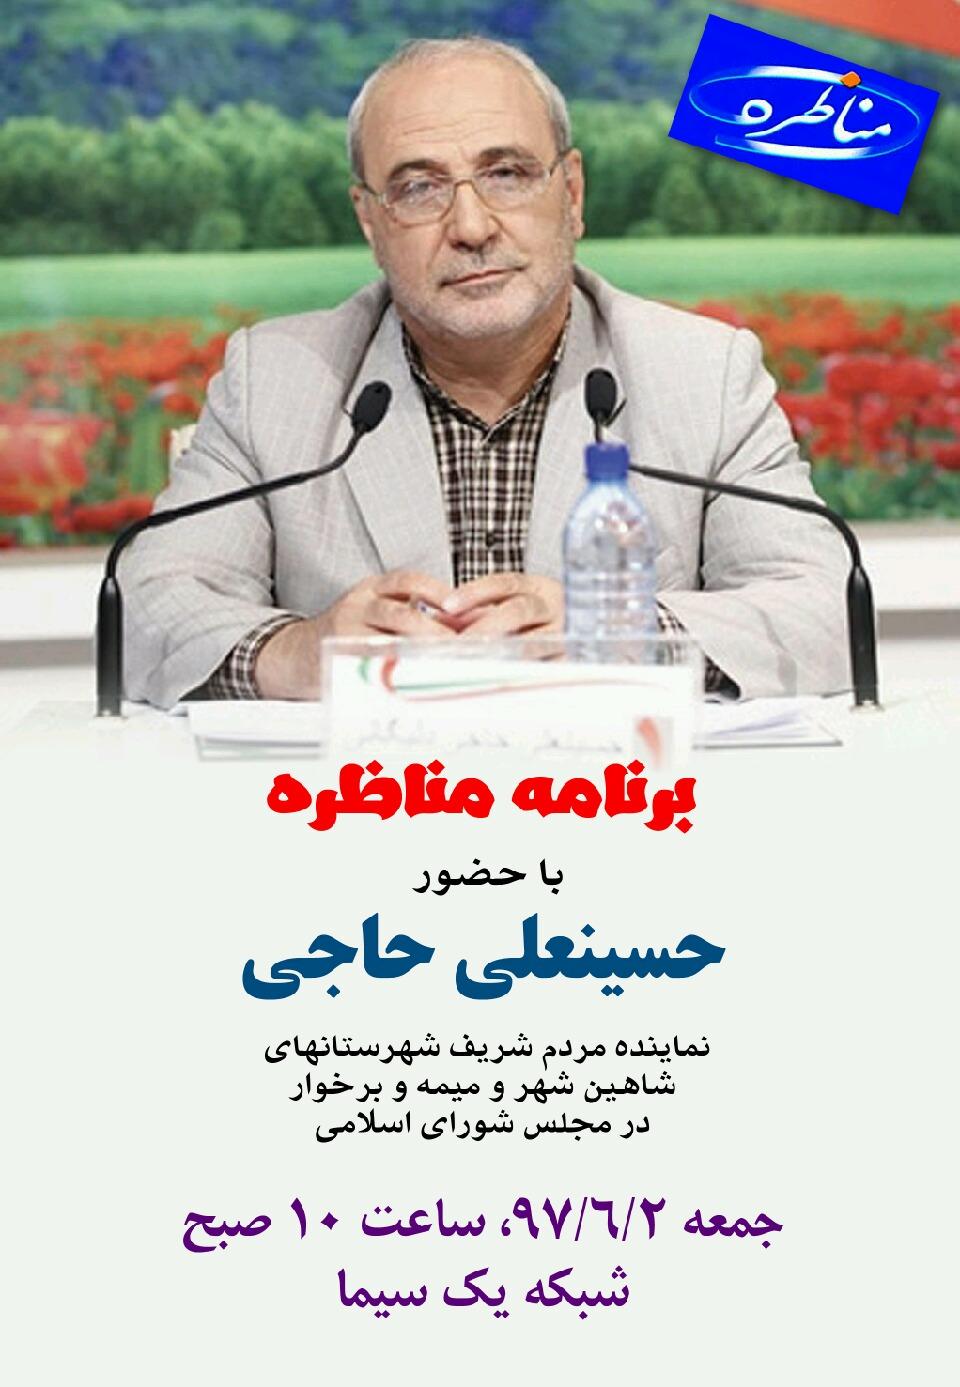 اطلاعیه / ♨برنامه زنده و تلویزیونی  مناظره باحضور جناب آقای حاجی